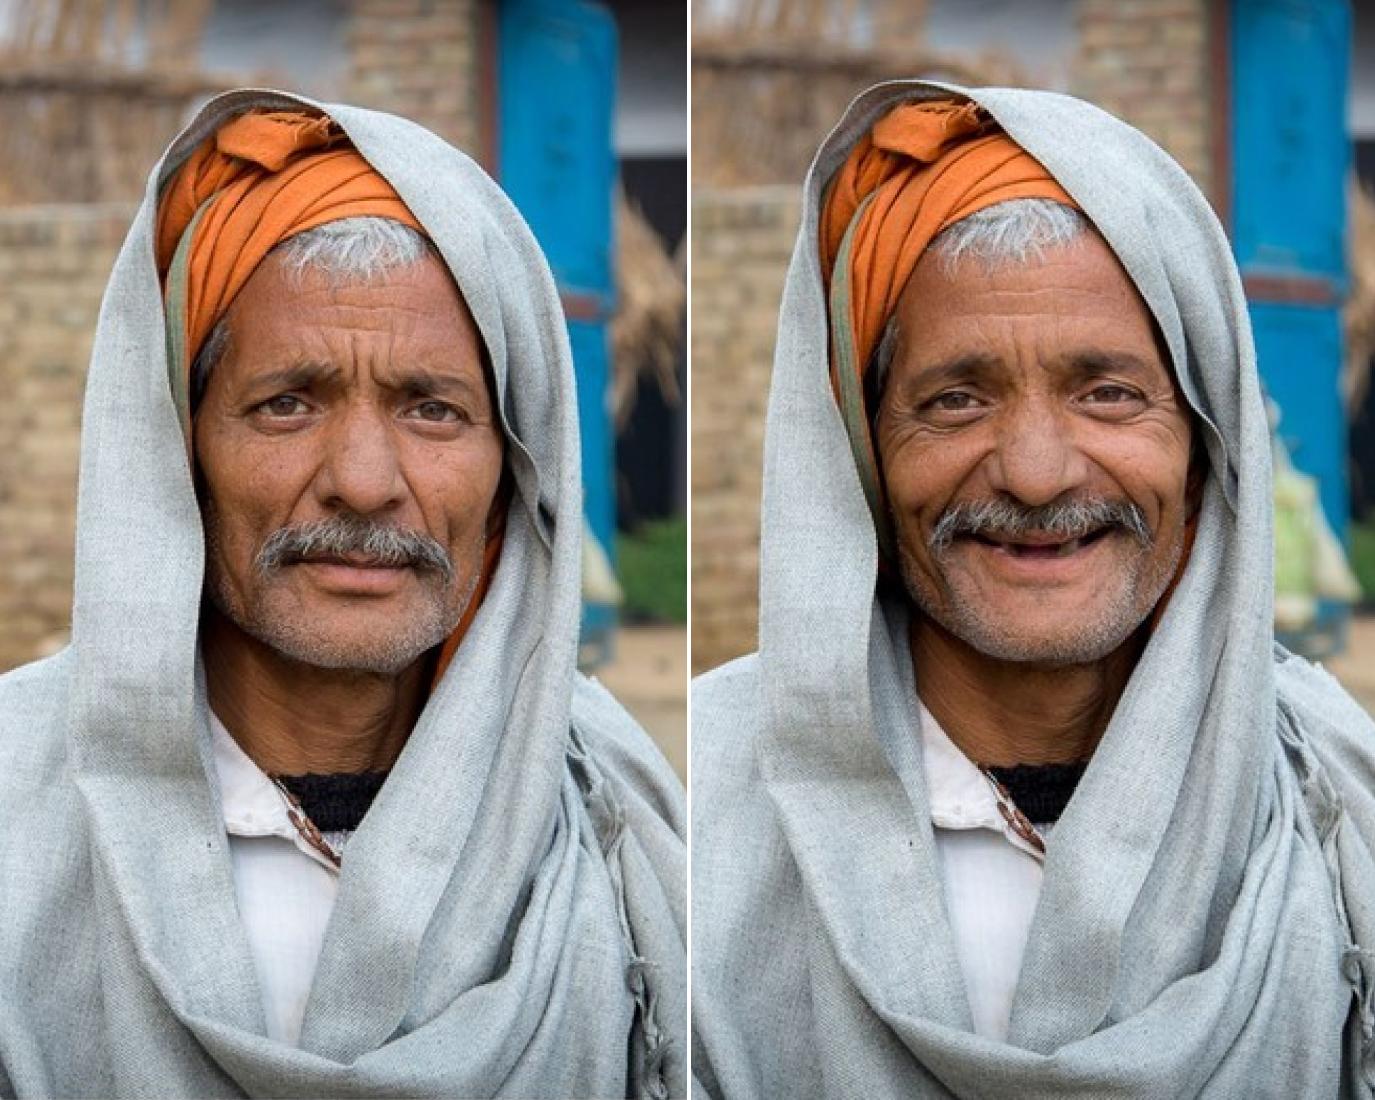 Фотограф попросил прохожих улыбнуться на камеру, и эти фото 'до и после' точно поднимут настроение